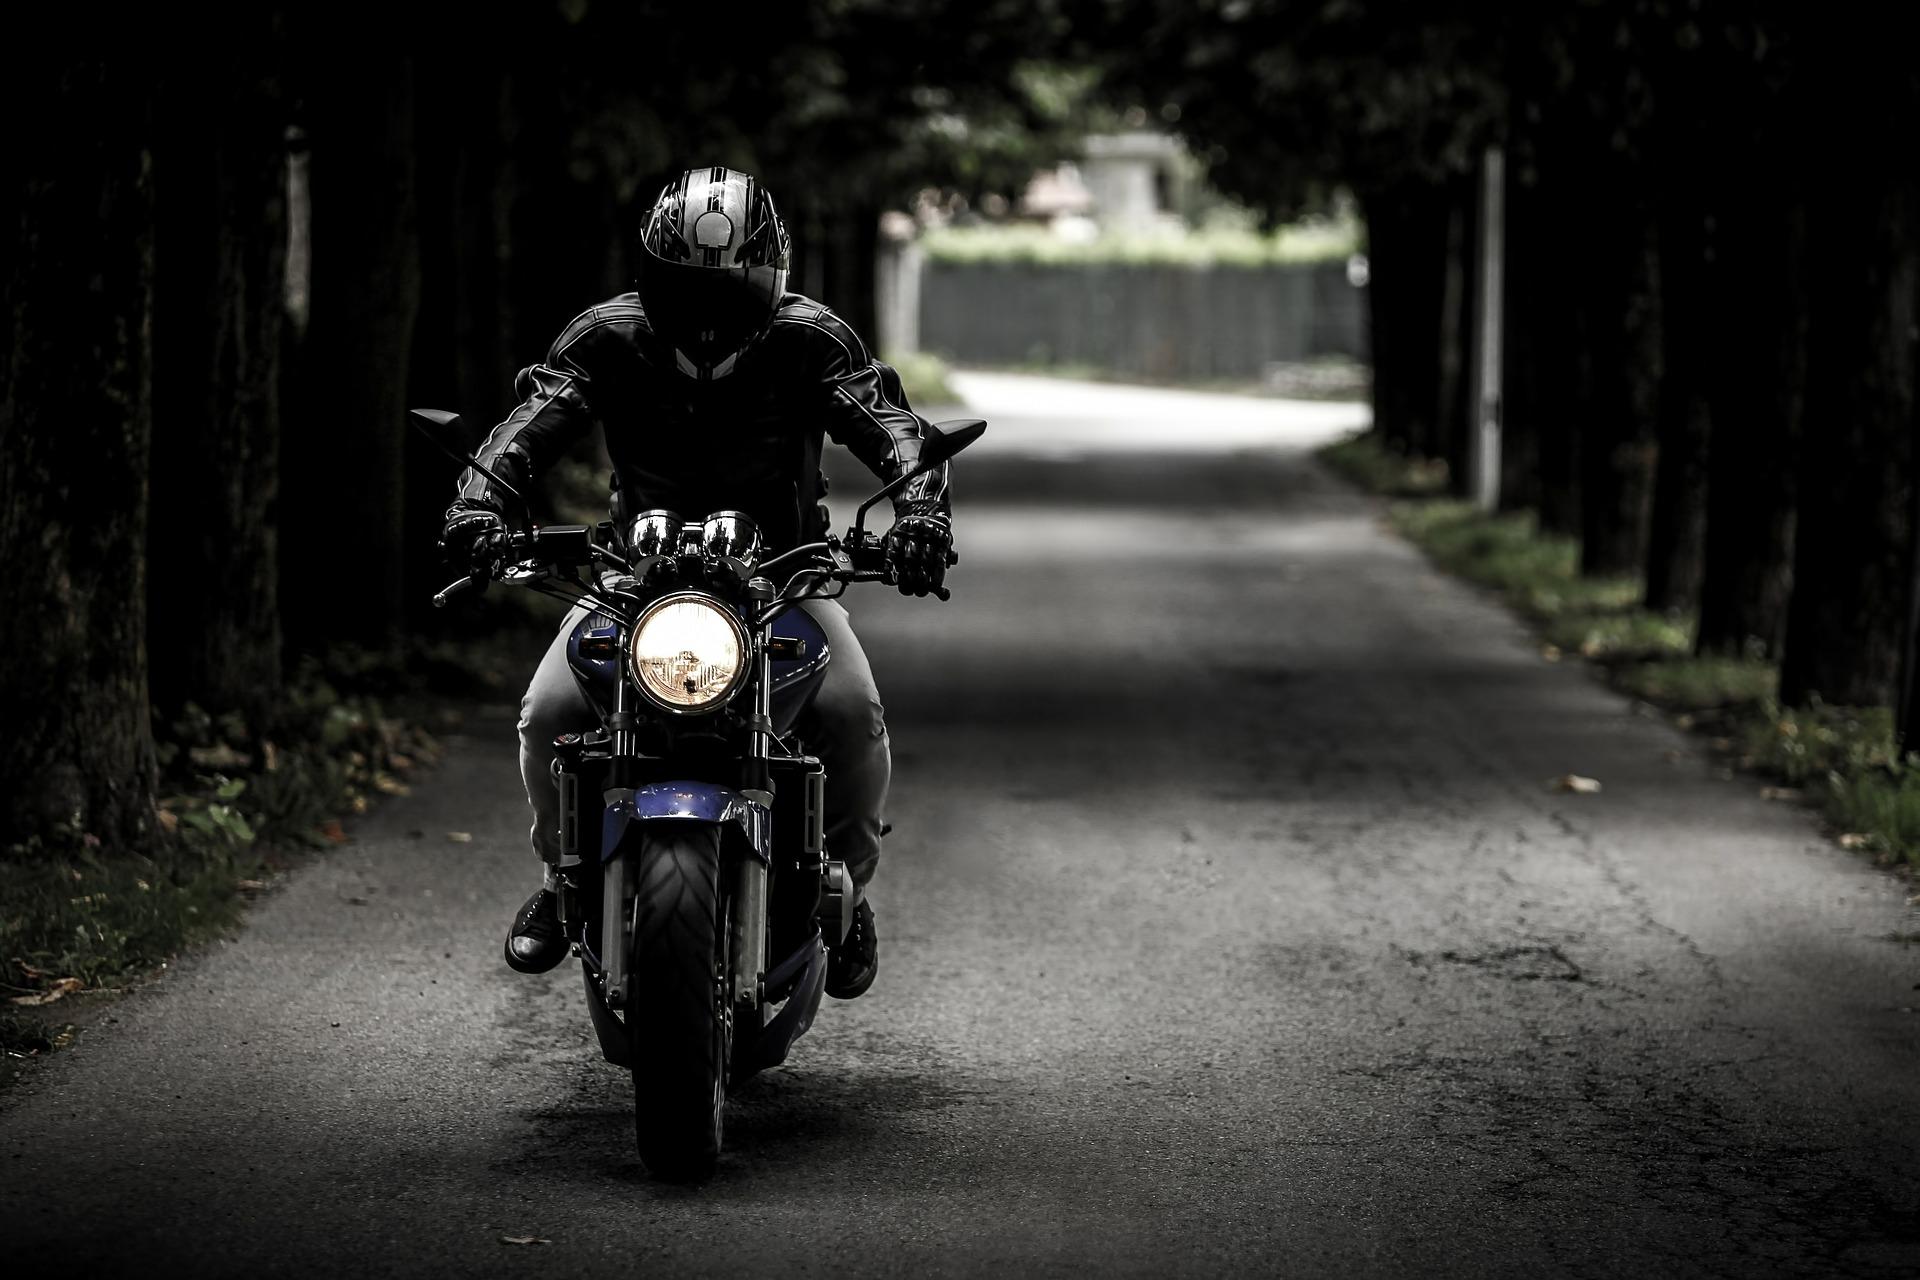 Caractéristiques de la moto : Couple et puissance